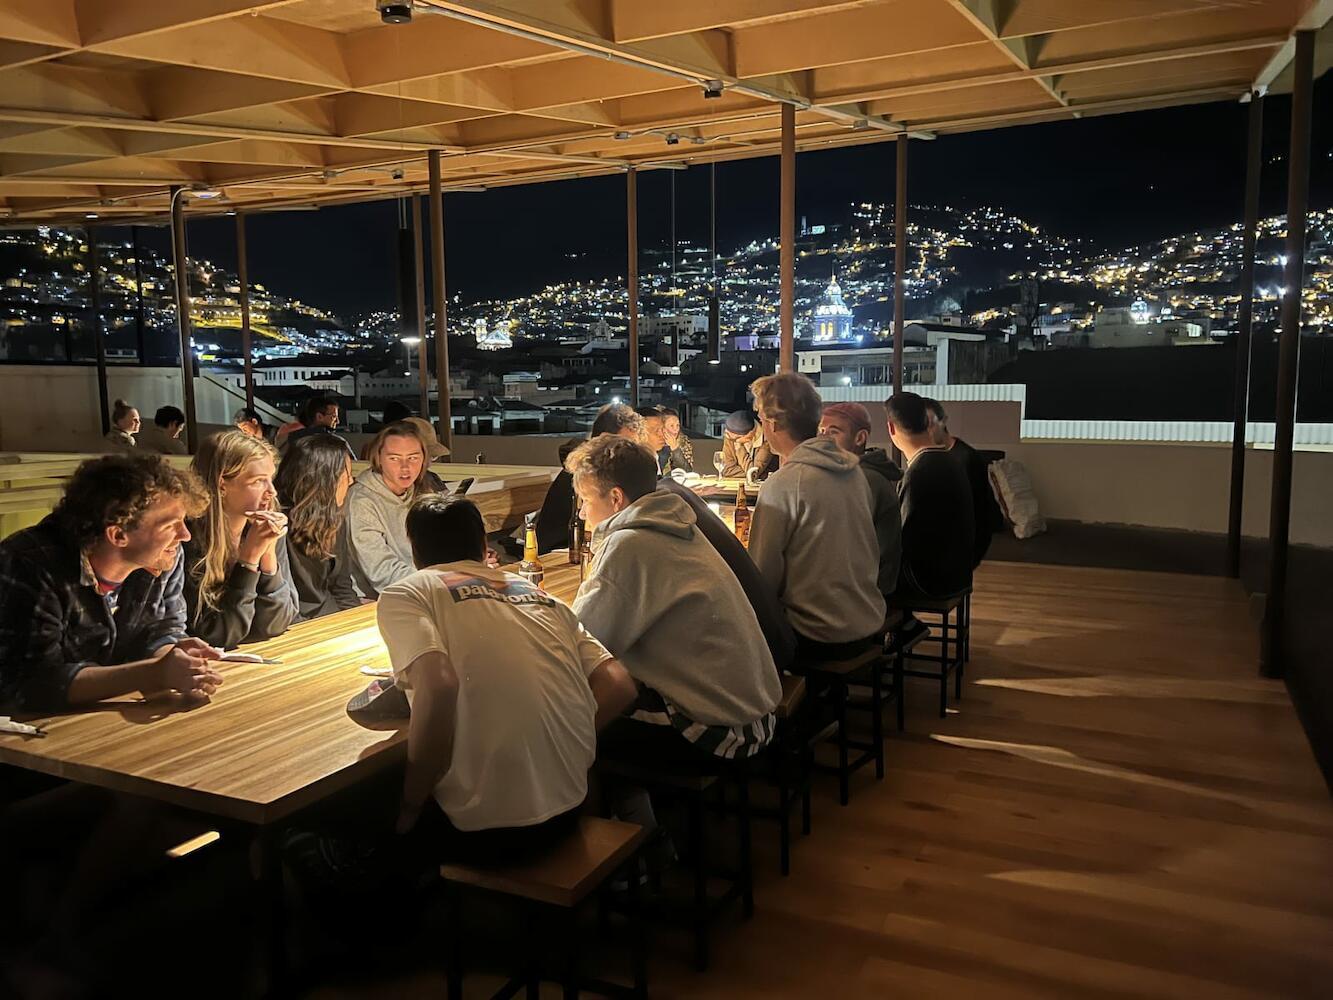 Community Hostel Quito - Quito, Ecuador Reviews - Hostelz com